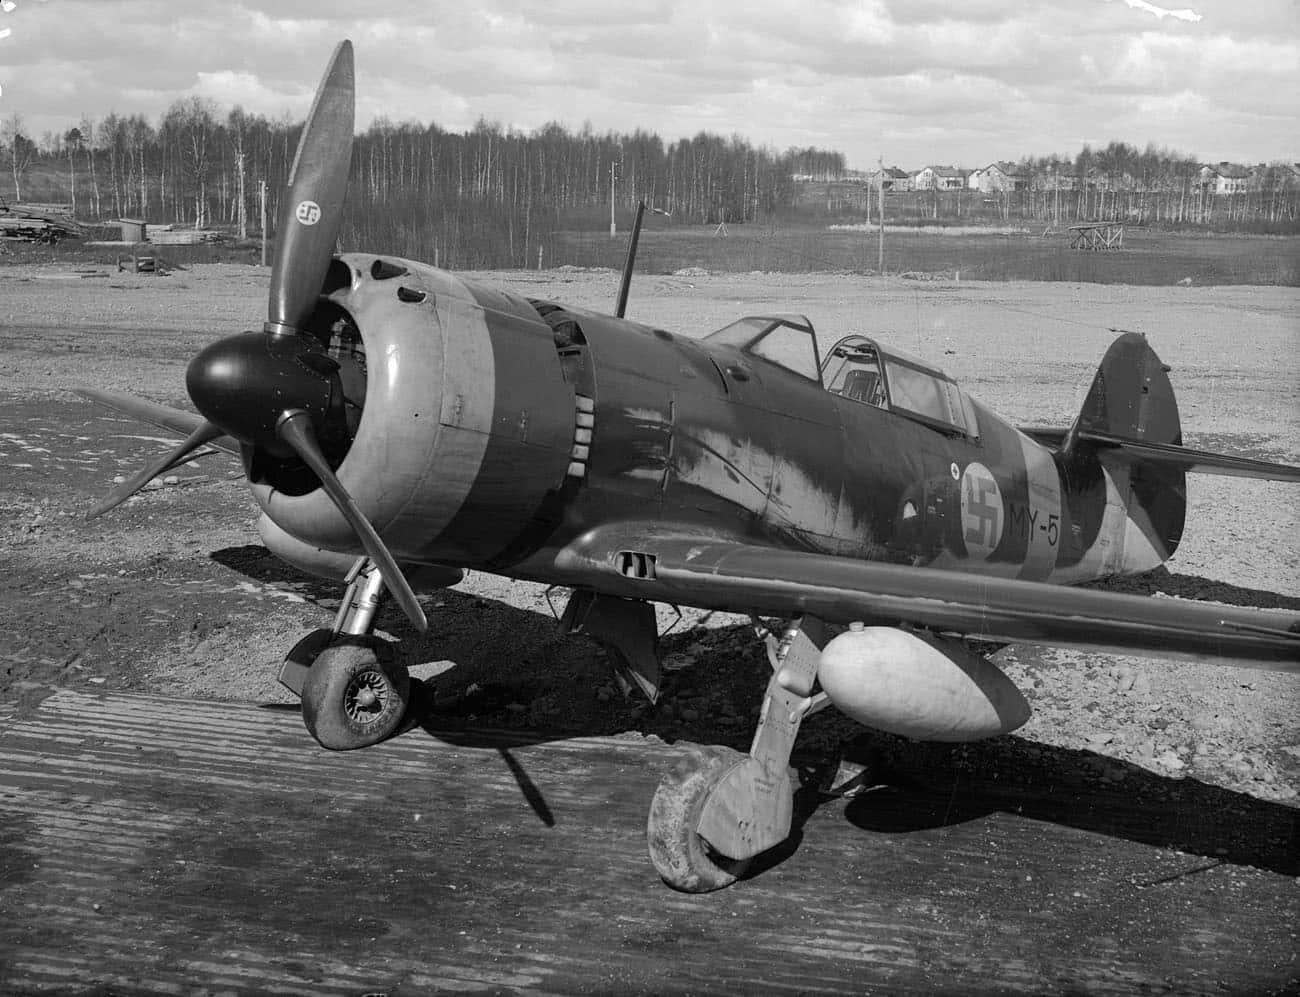 Valtion Lentokonetehtaan valmistama VL Myrsky II MY-5 vuonna 1944. Kuva: Valtion Lentokonetehtaan kokoelma / Suomen Ilmailumuseon kuva-arkisto